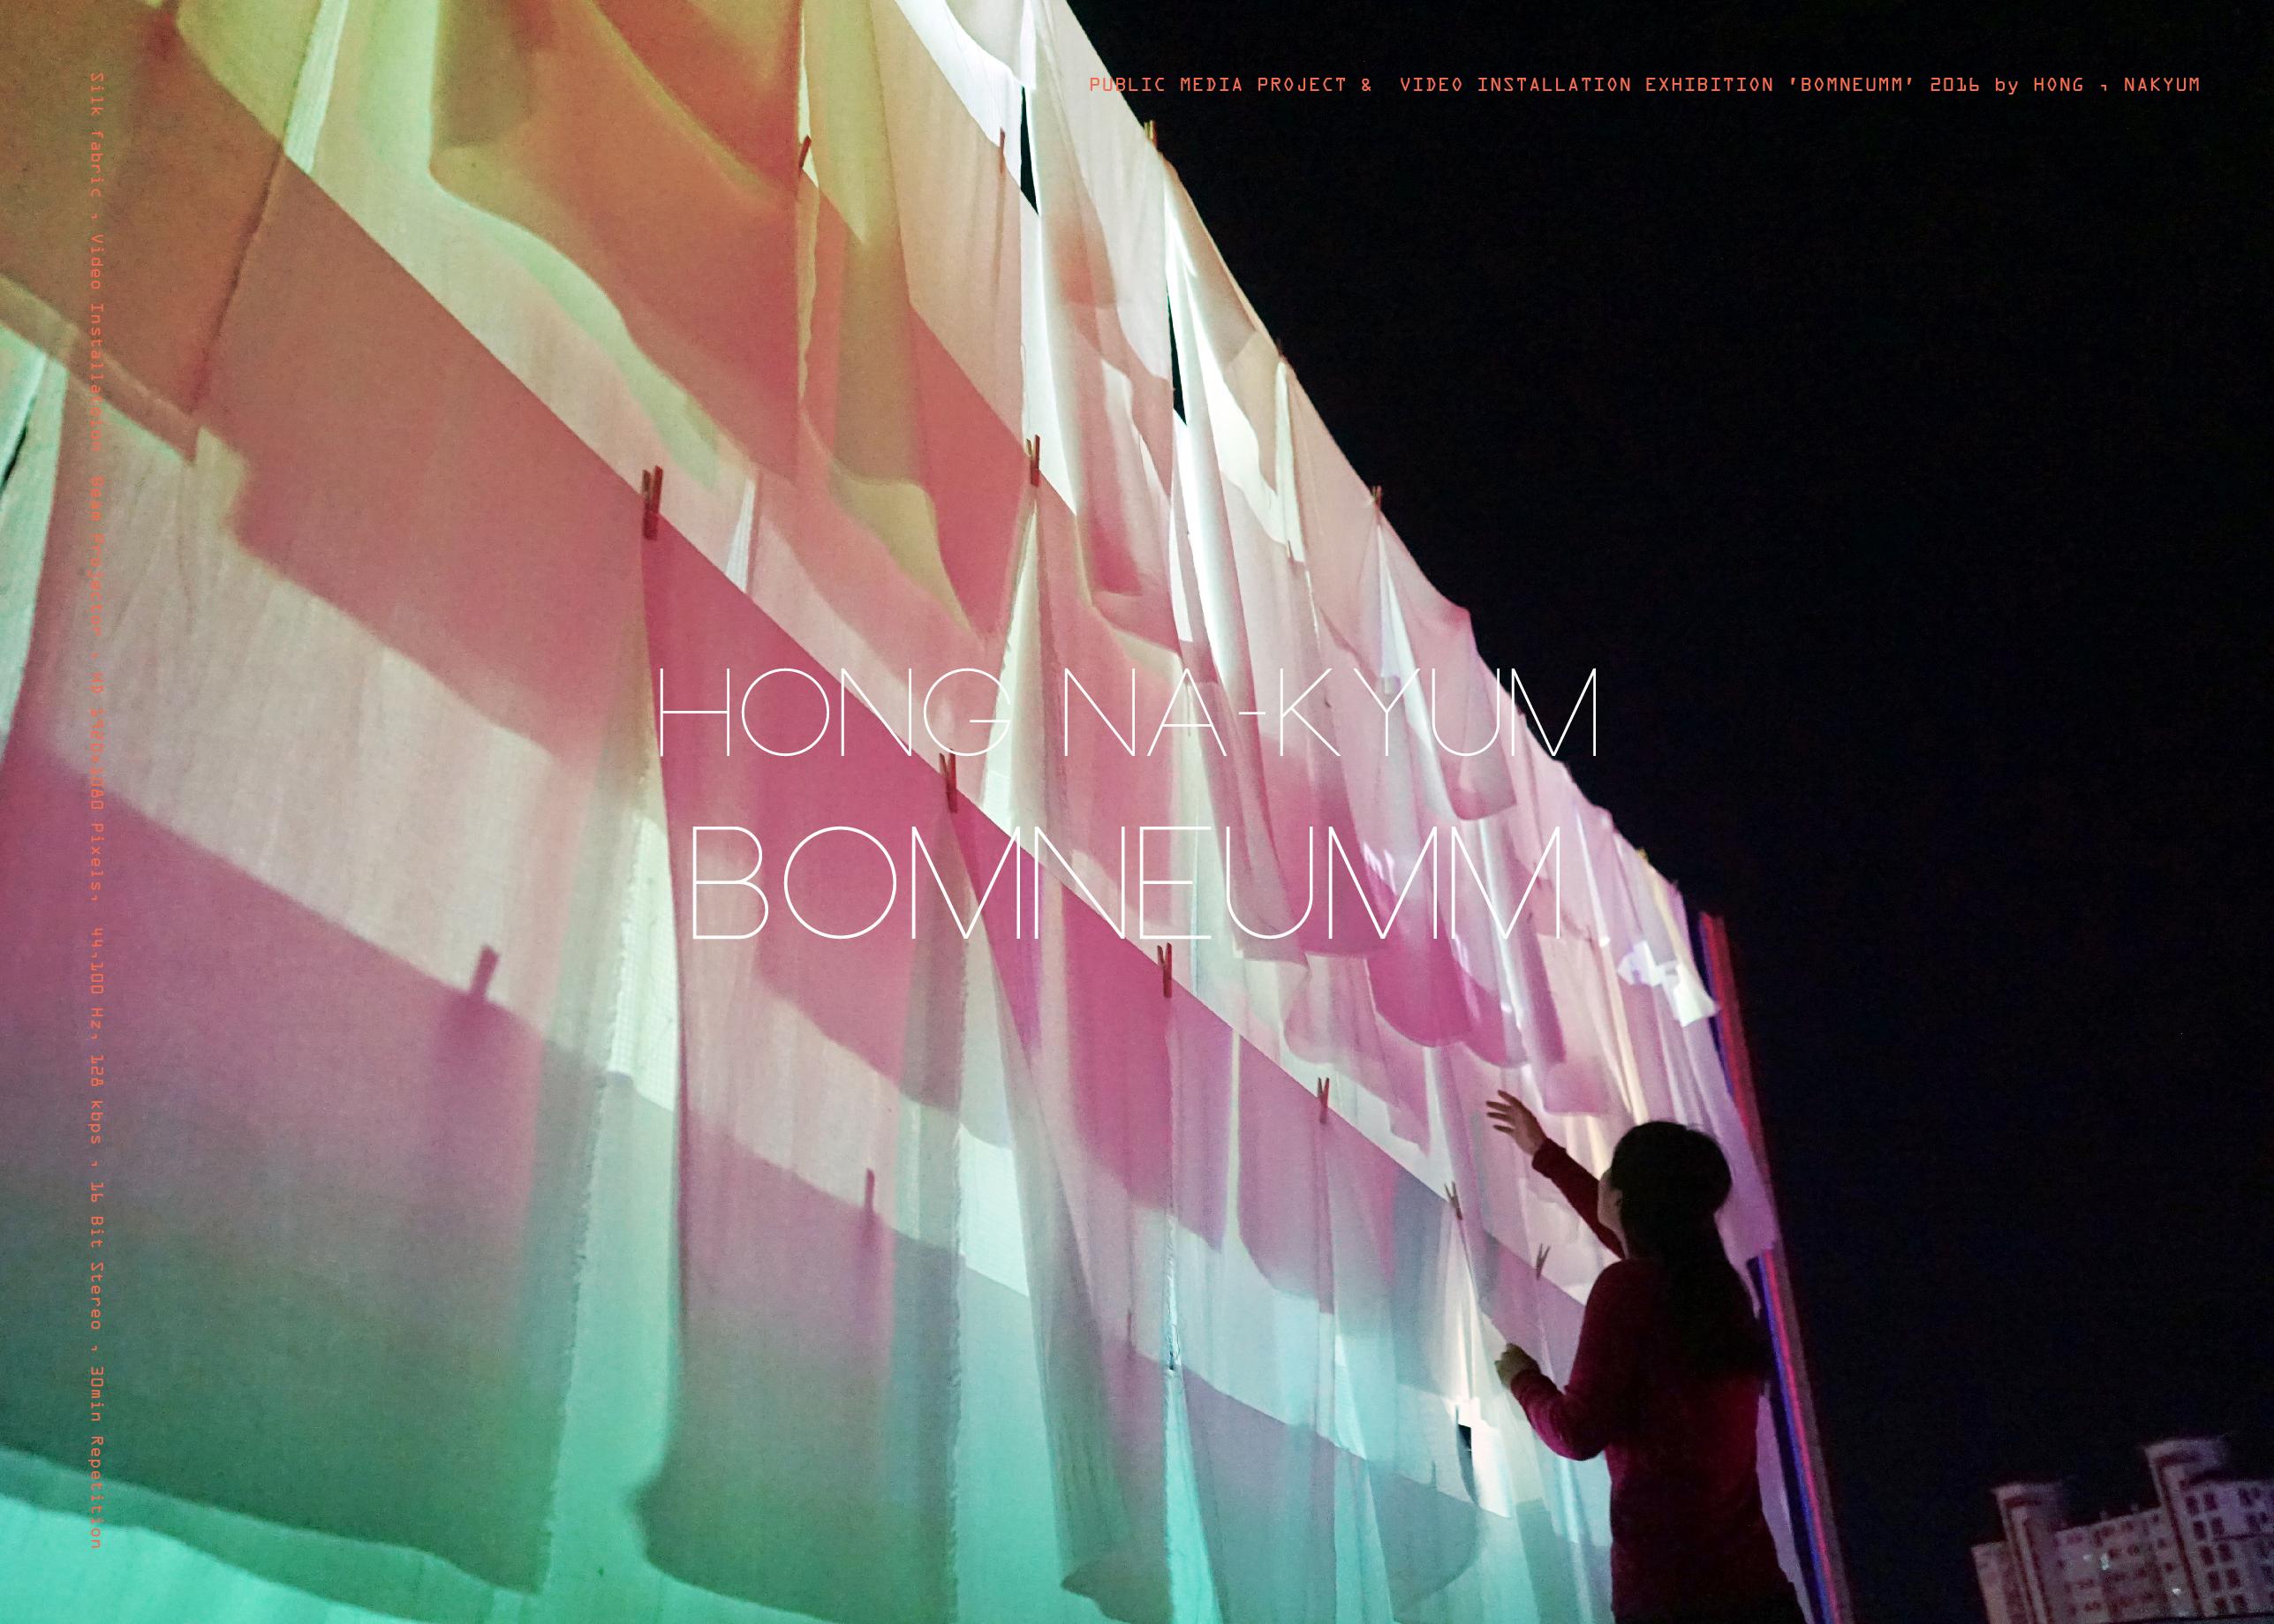 Bomneumm by NK Hong